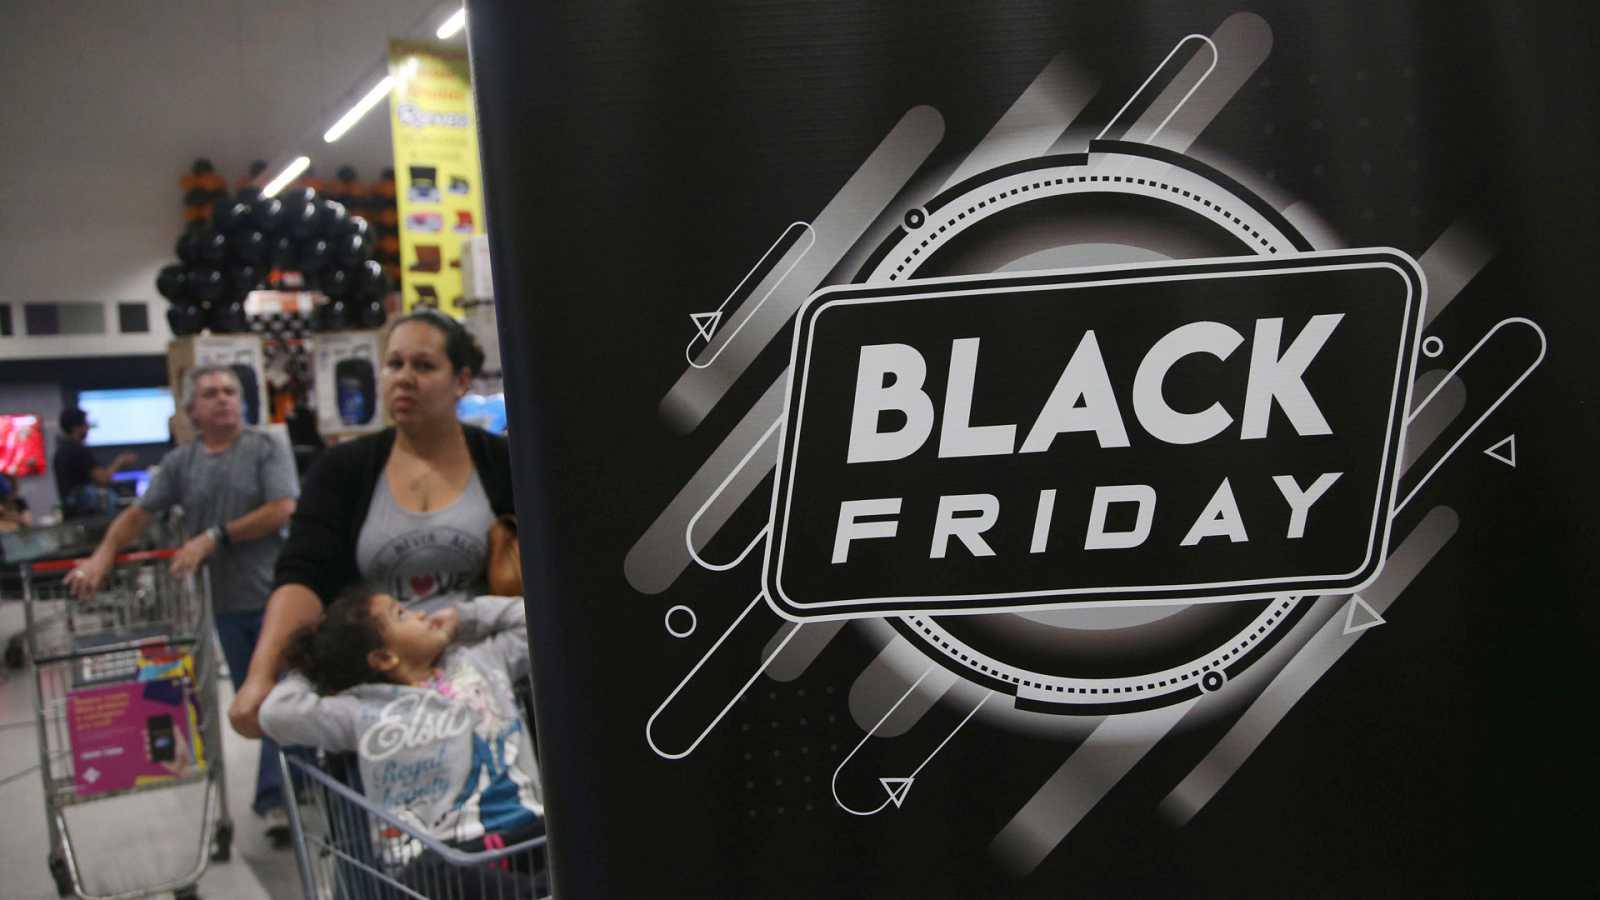 Las mañanas de RNE con Íñigo Alfonso - Black Friday: ¿Es posible consumir de forma responsable? - Escuchar ahora